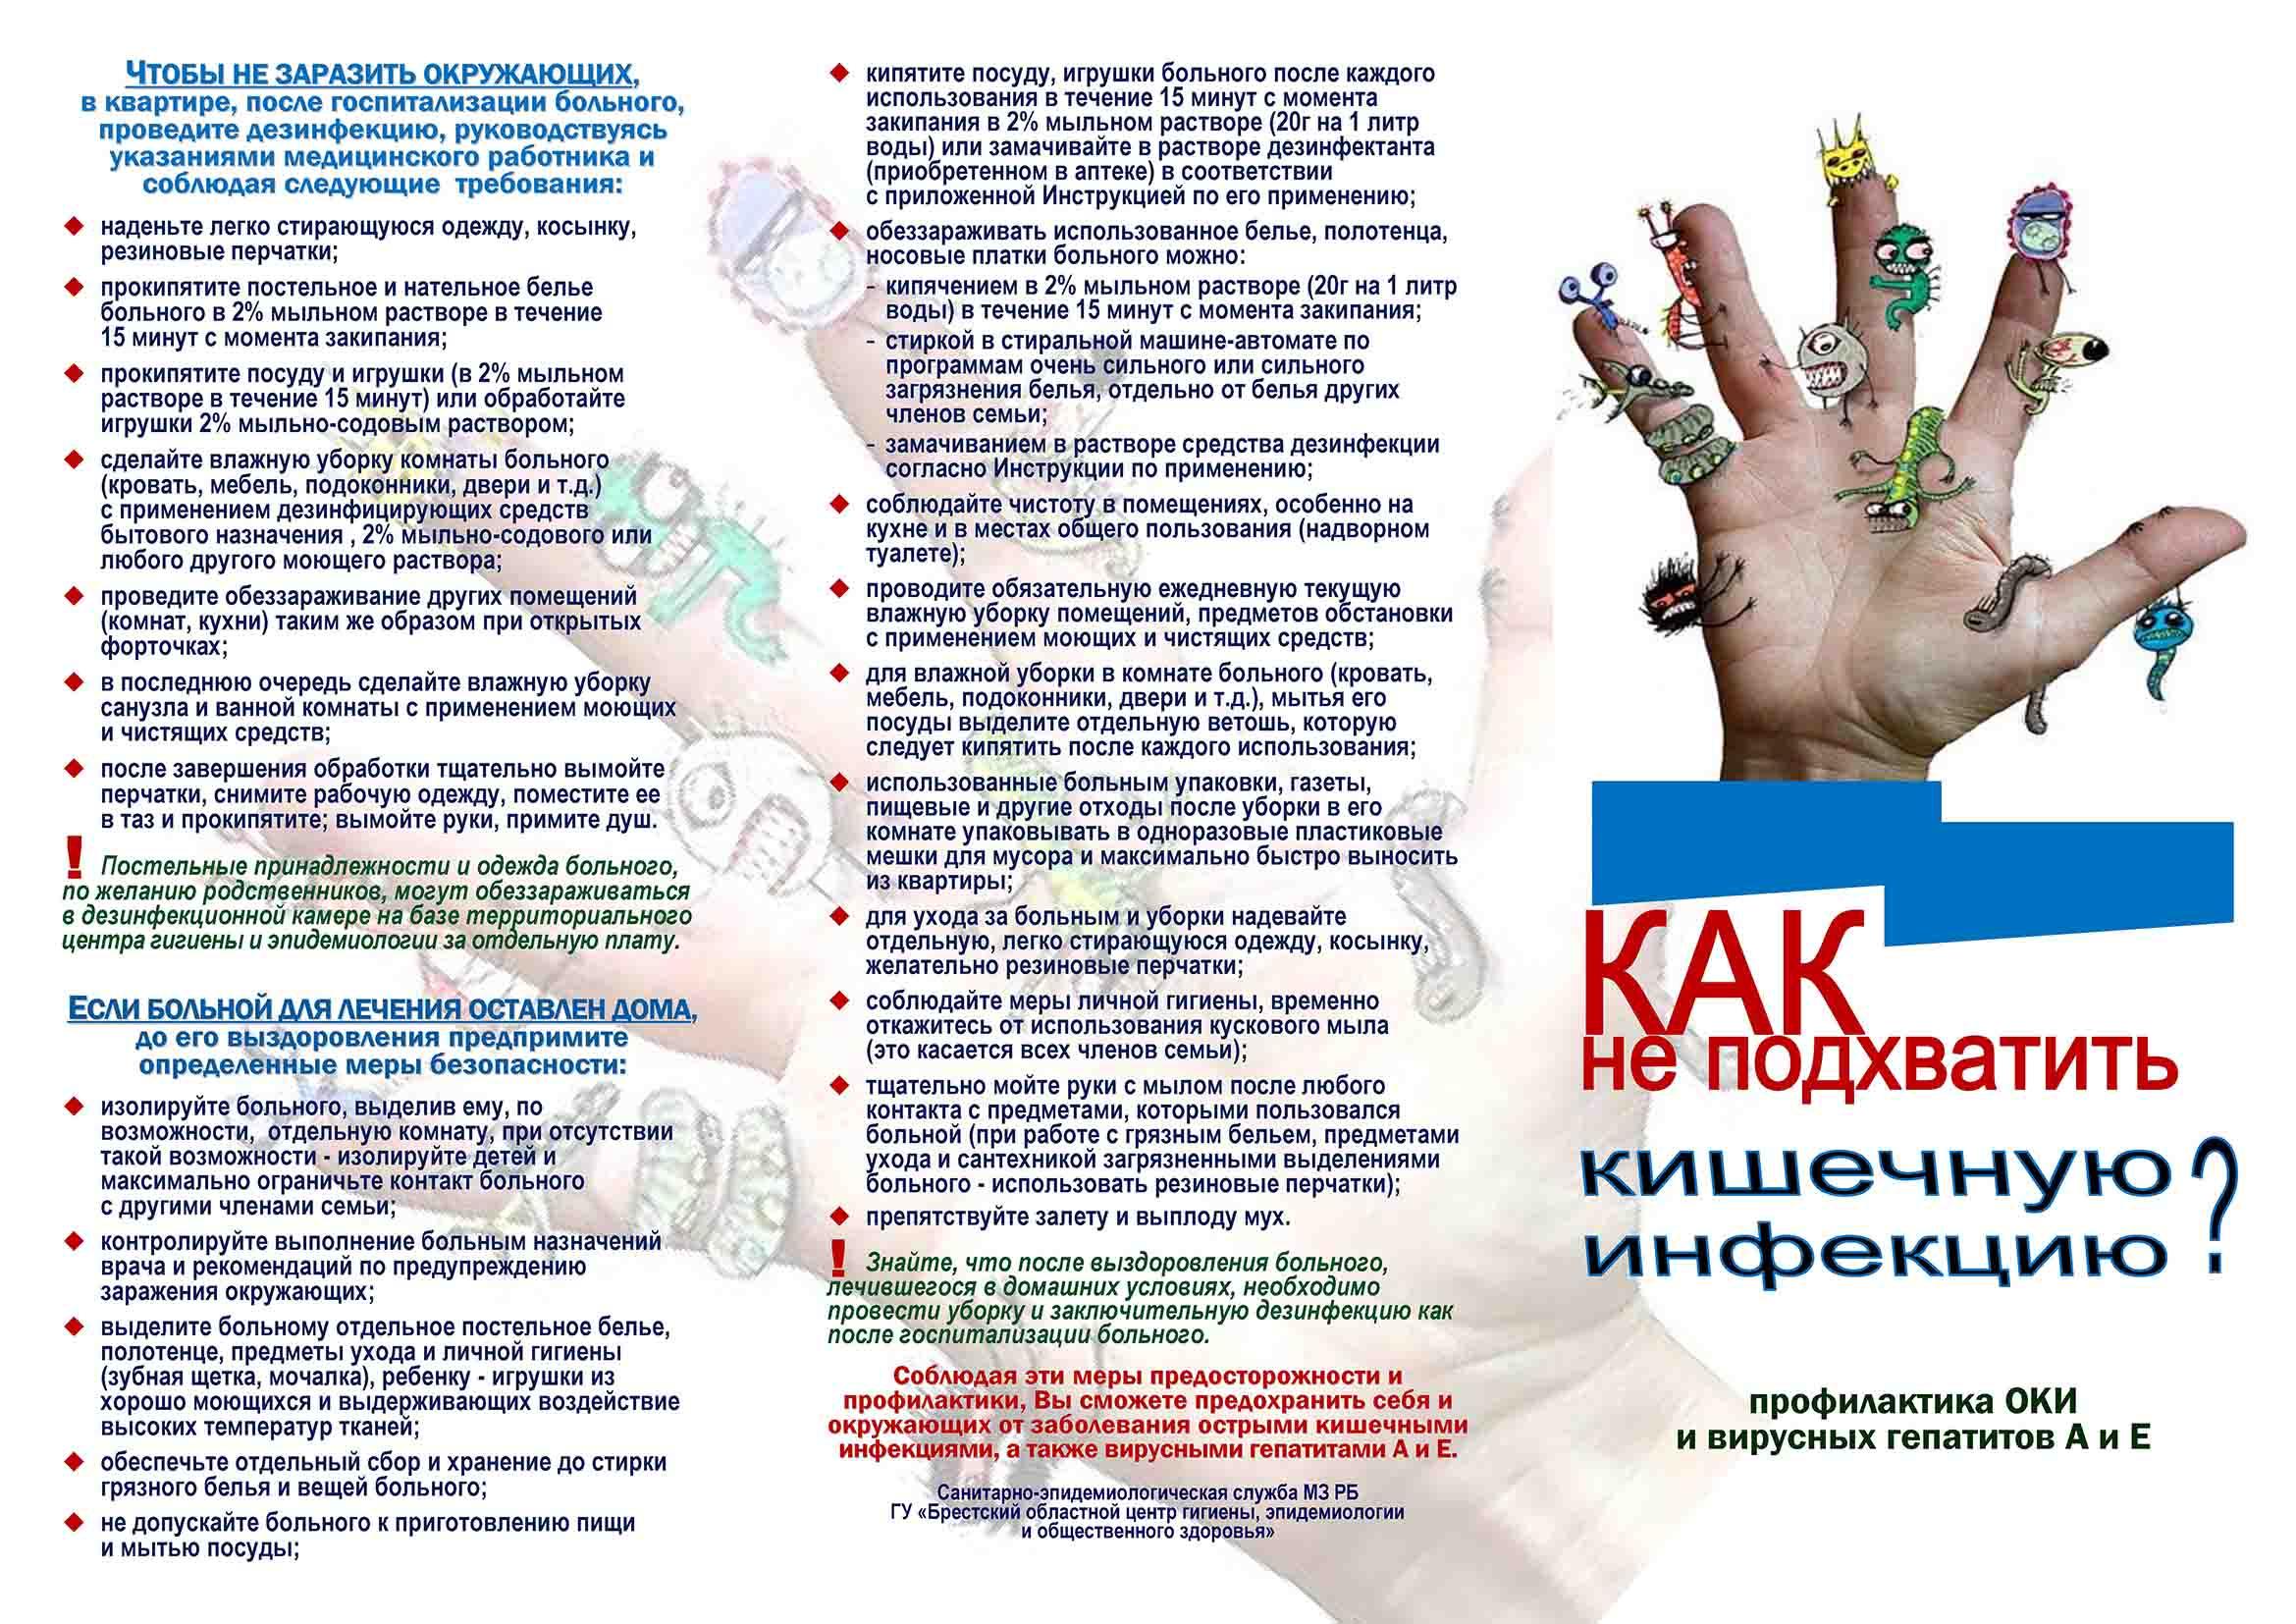 Ротавирус у детей: симптомы и лечение. Меры профилактики 2